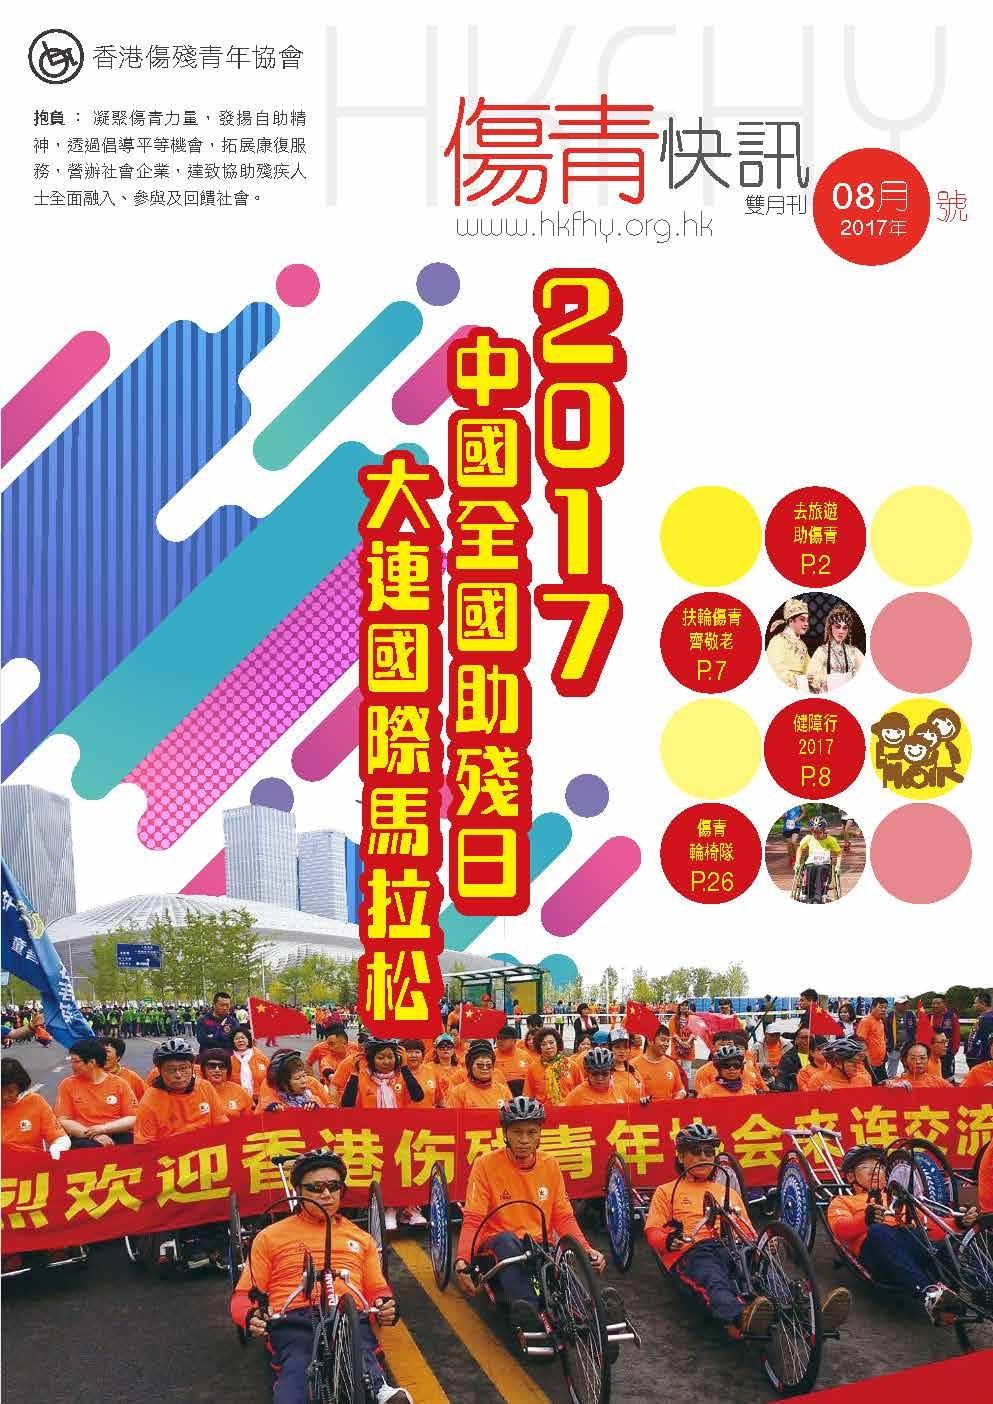 本頁圖片/檔案 - HKFHY_NL_Aug_2017_Web_頁面_01